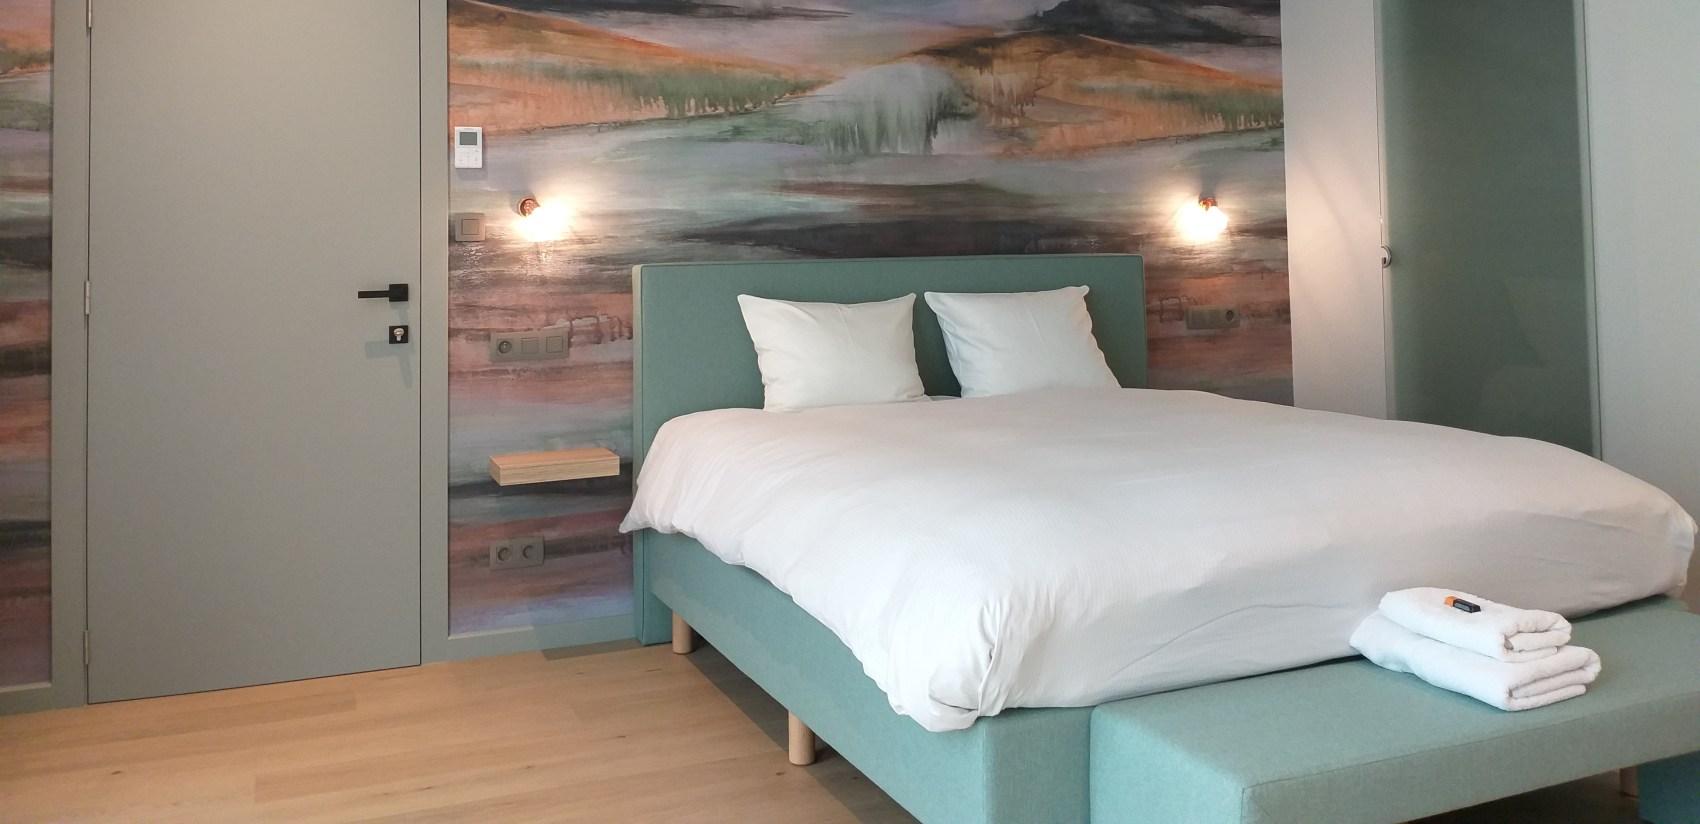 Hotel B Charme kamer